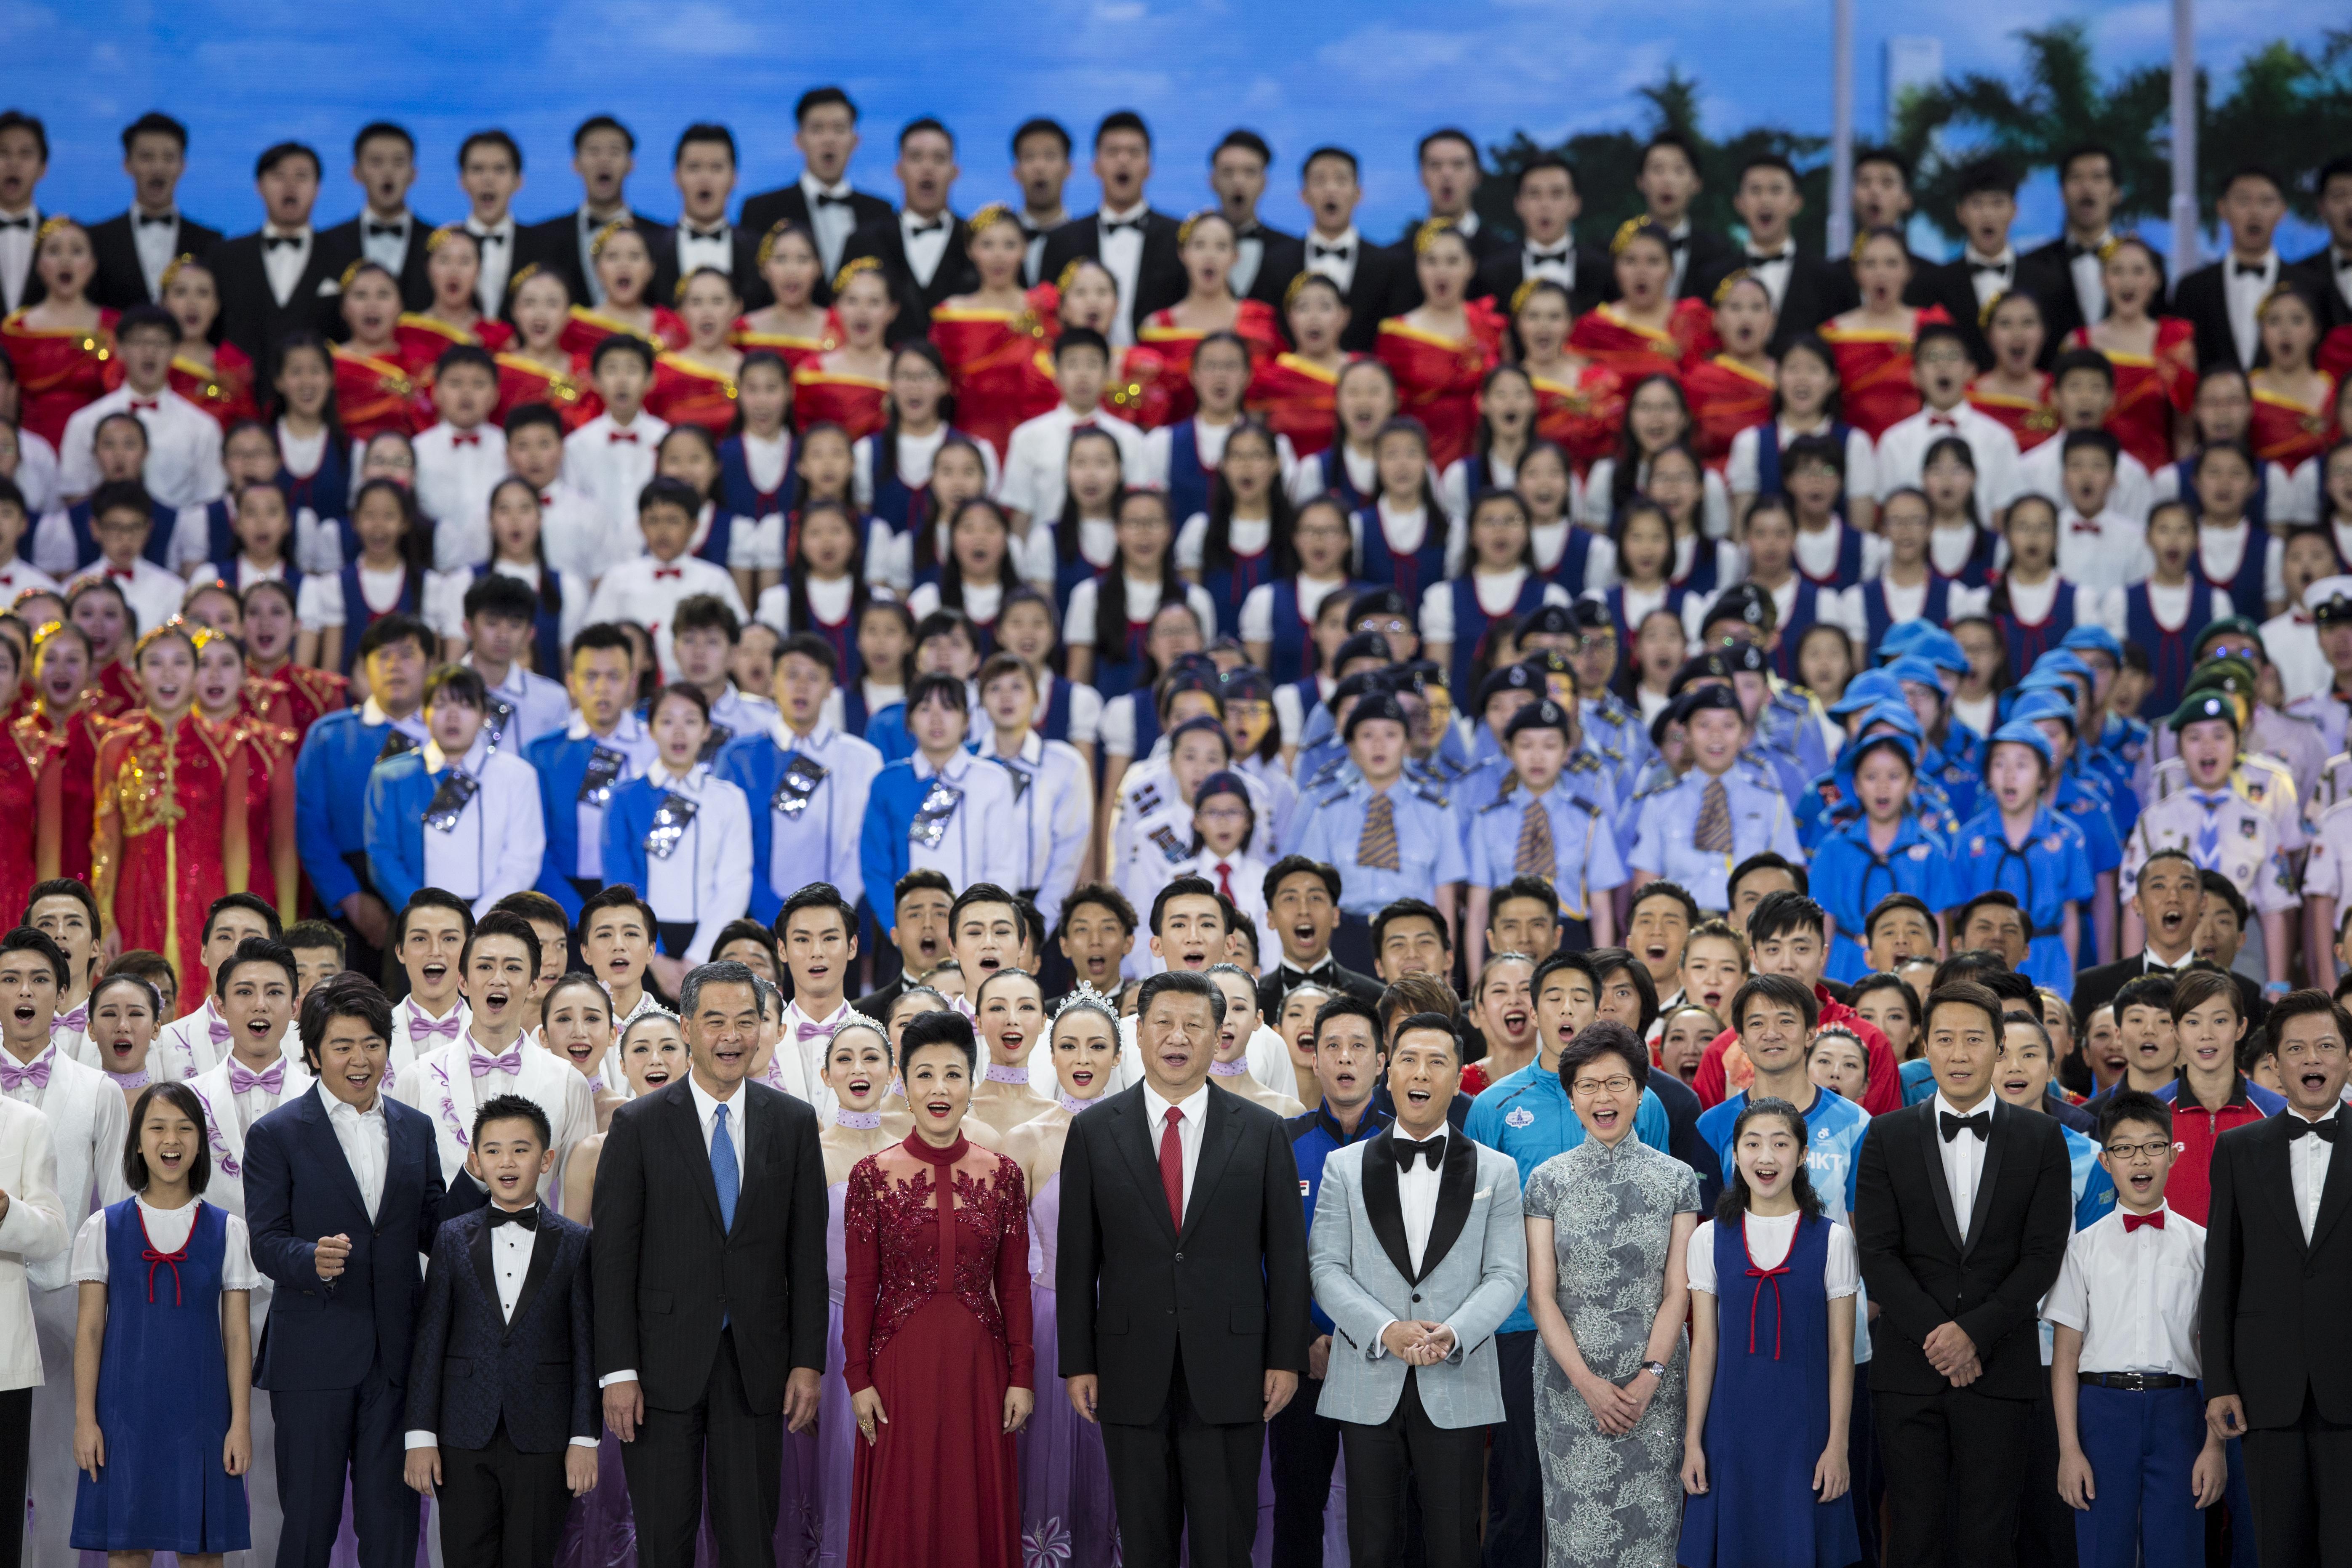 2017年6月30日,國家主席習近平連同夫人彭麗媛出席於灣仔會議展覽中心舉行的香港回歸20周年文藝晚會。習近平於晚會尾聲應邀上台,與表演嘉賓一同高唱《歌唱祖國》。